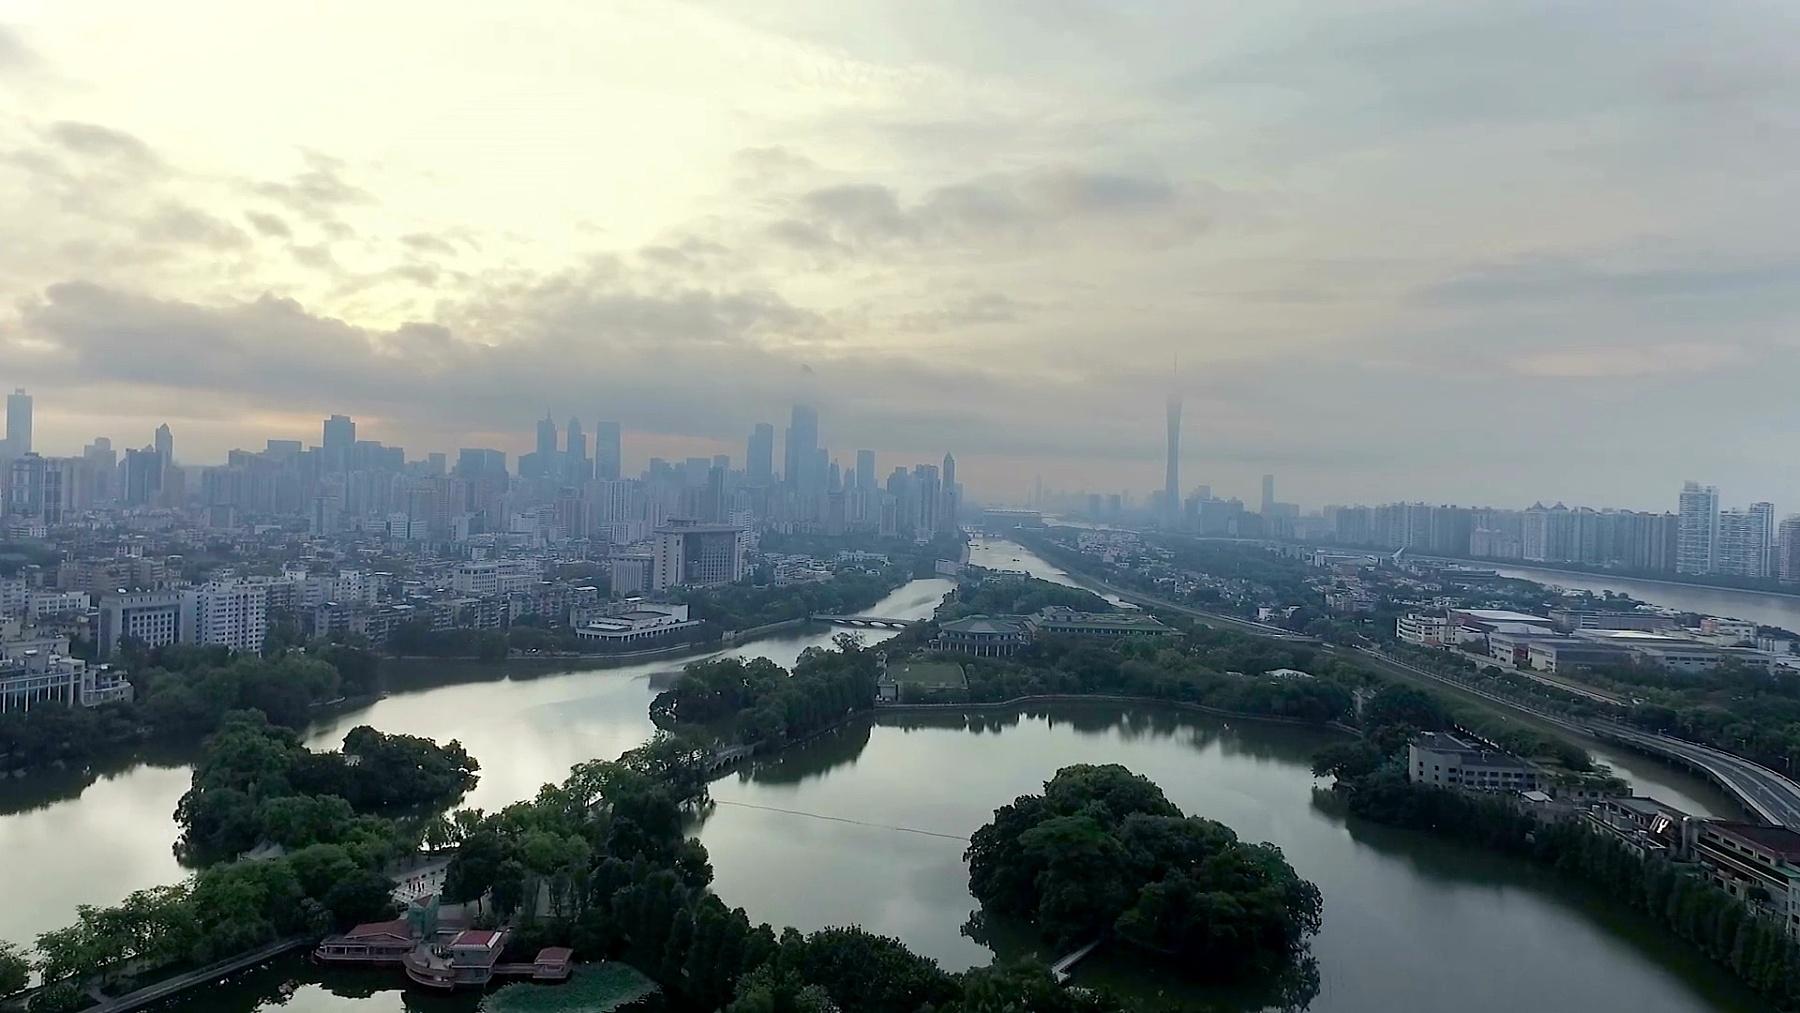 云天长河现代城市鸟瞰